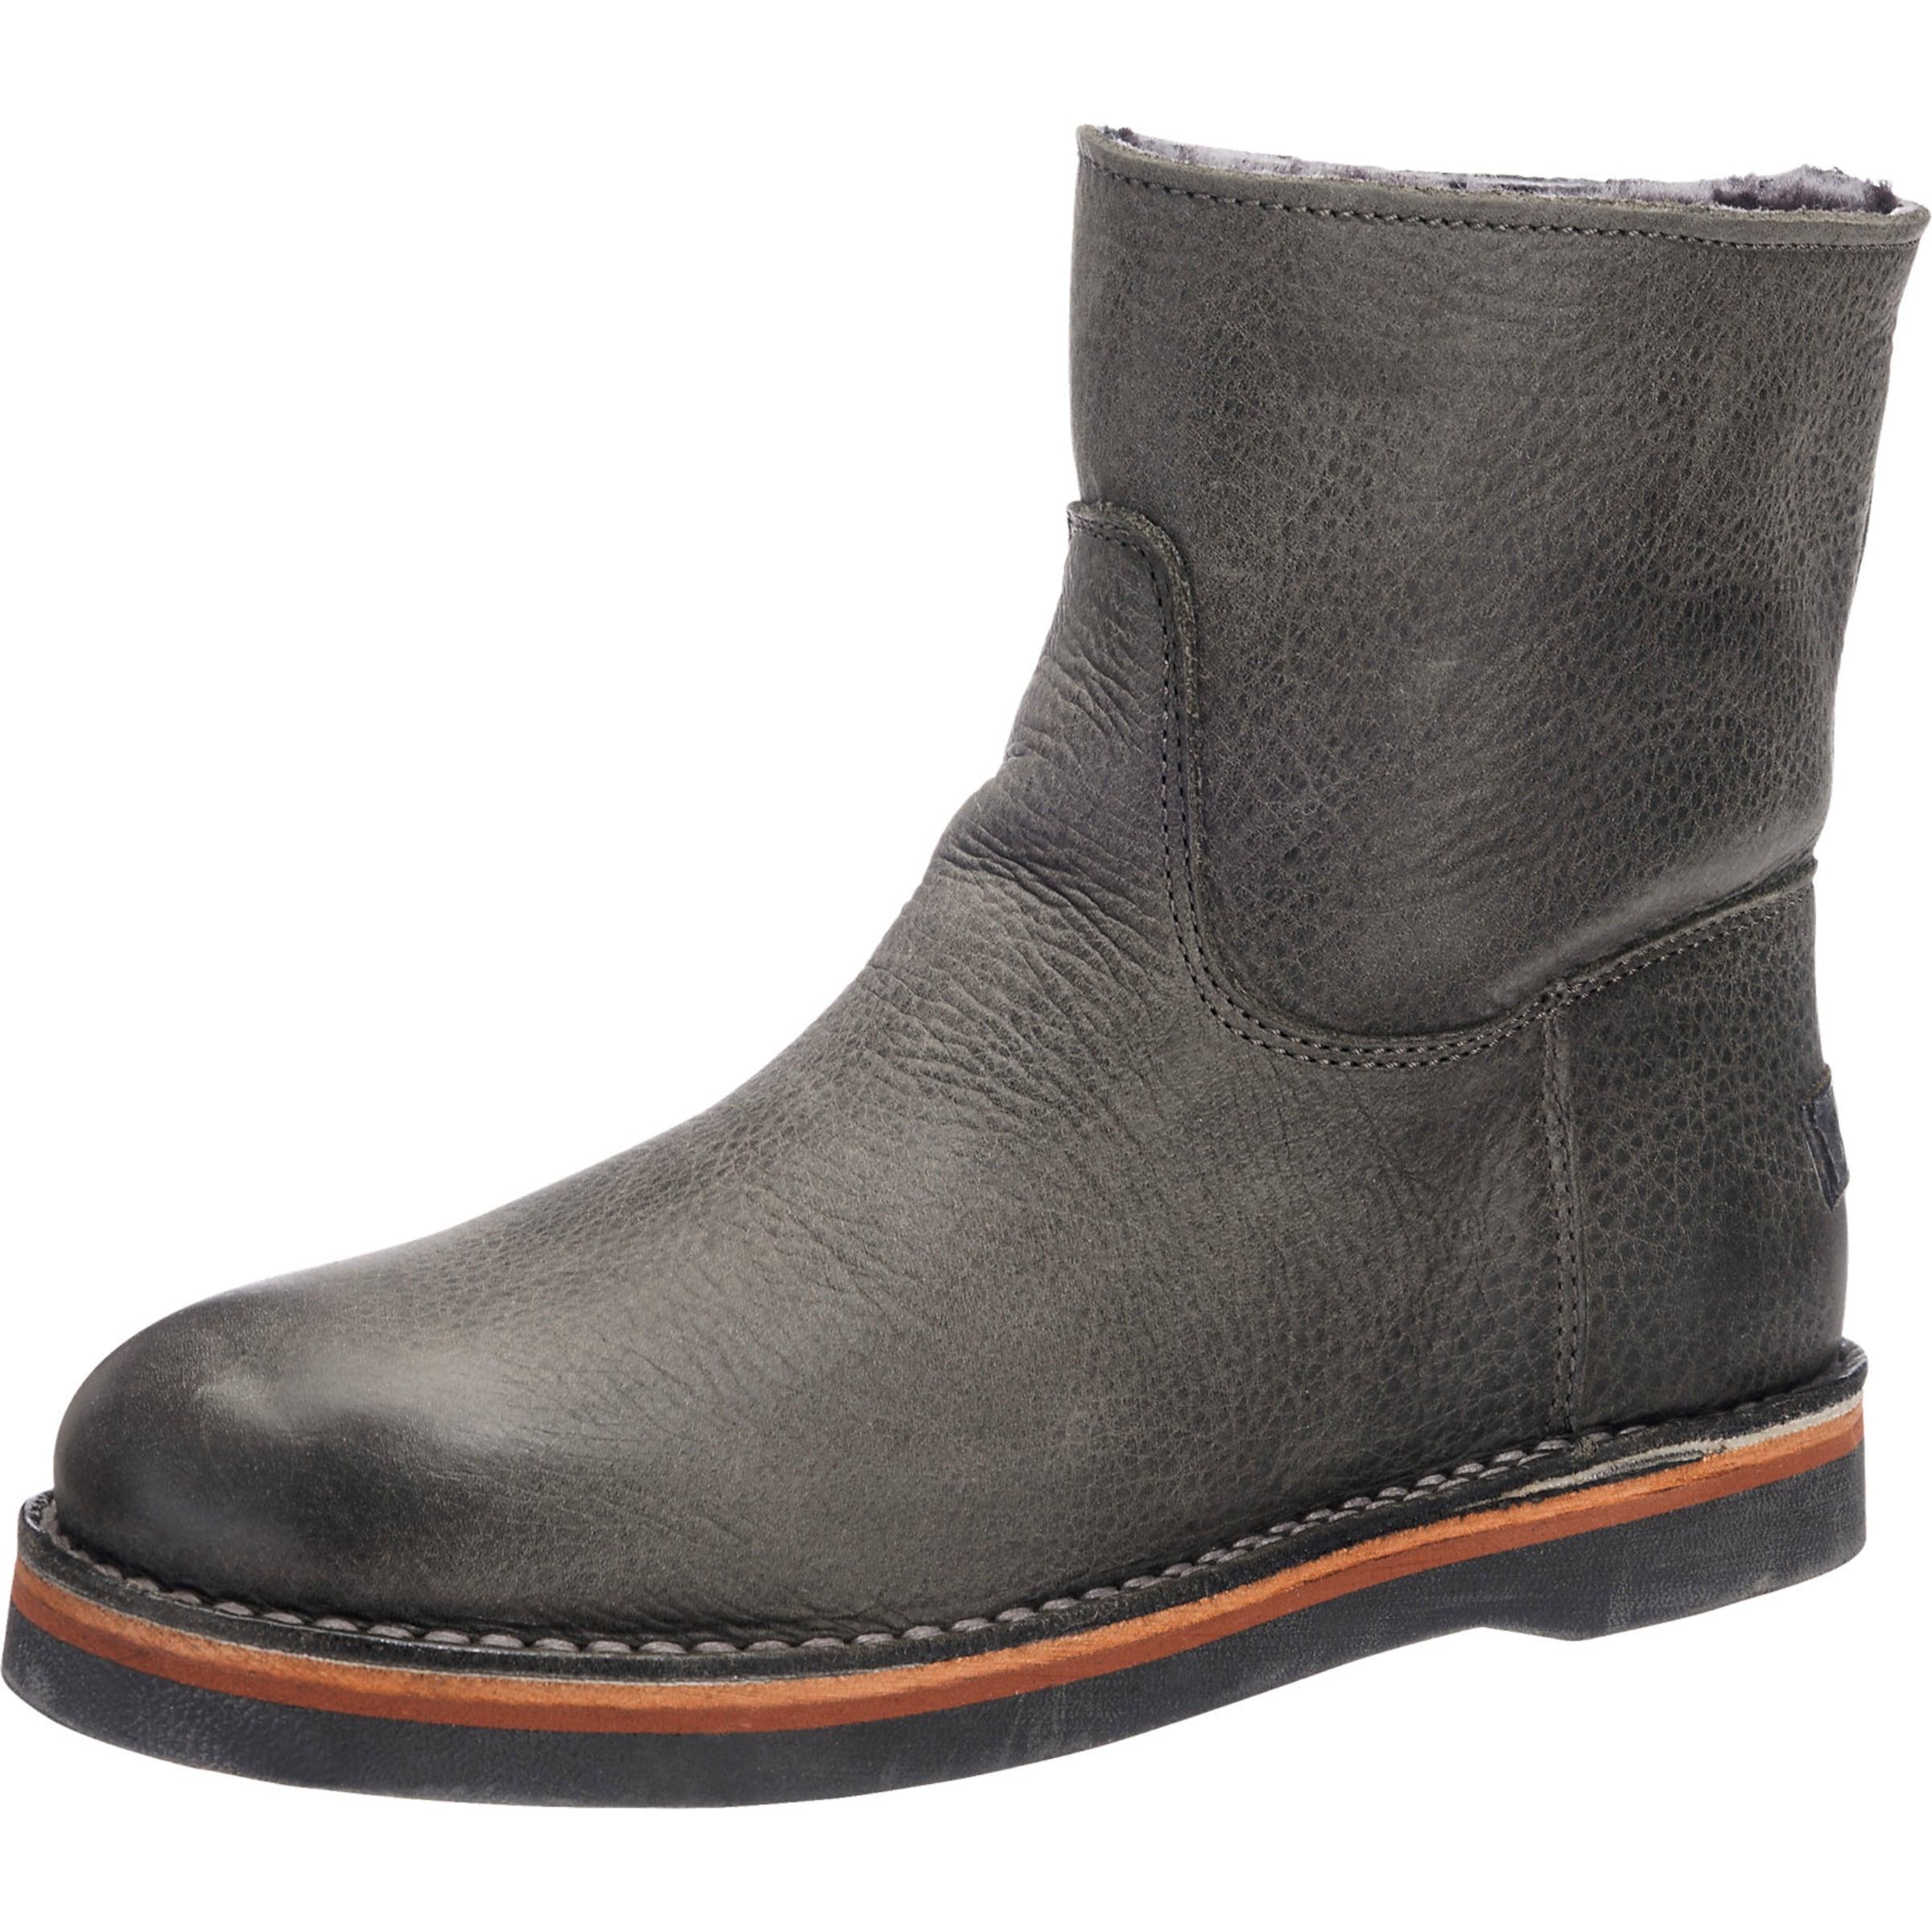 SHABBIES AMSTERDAM Stiefeletten Stiefeletten AMSTERDAM Verschleißfeste billige Schuhe a16118